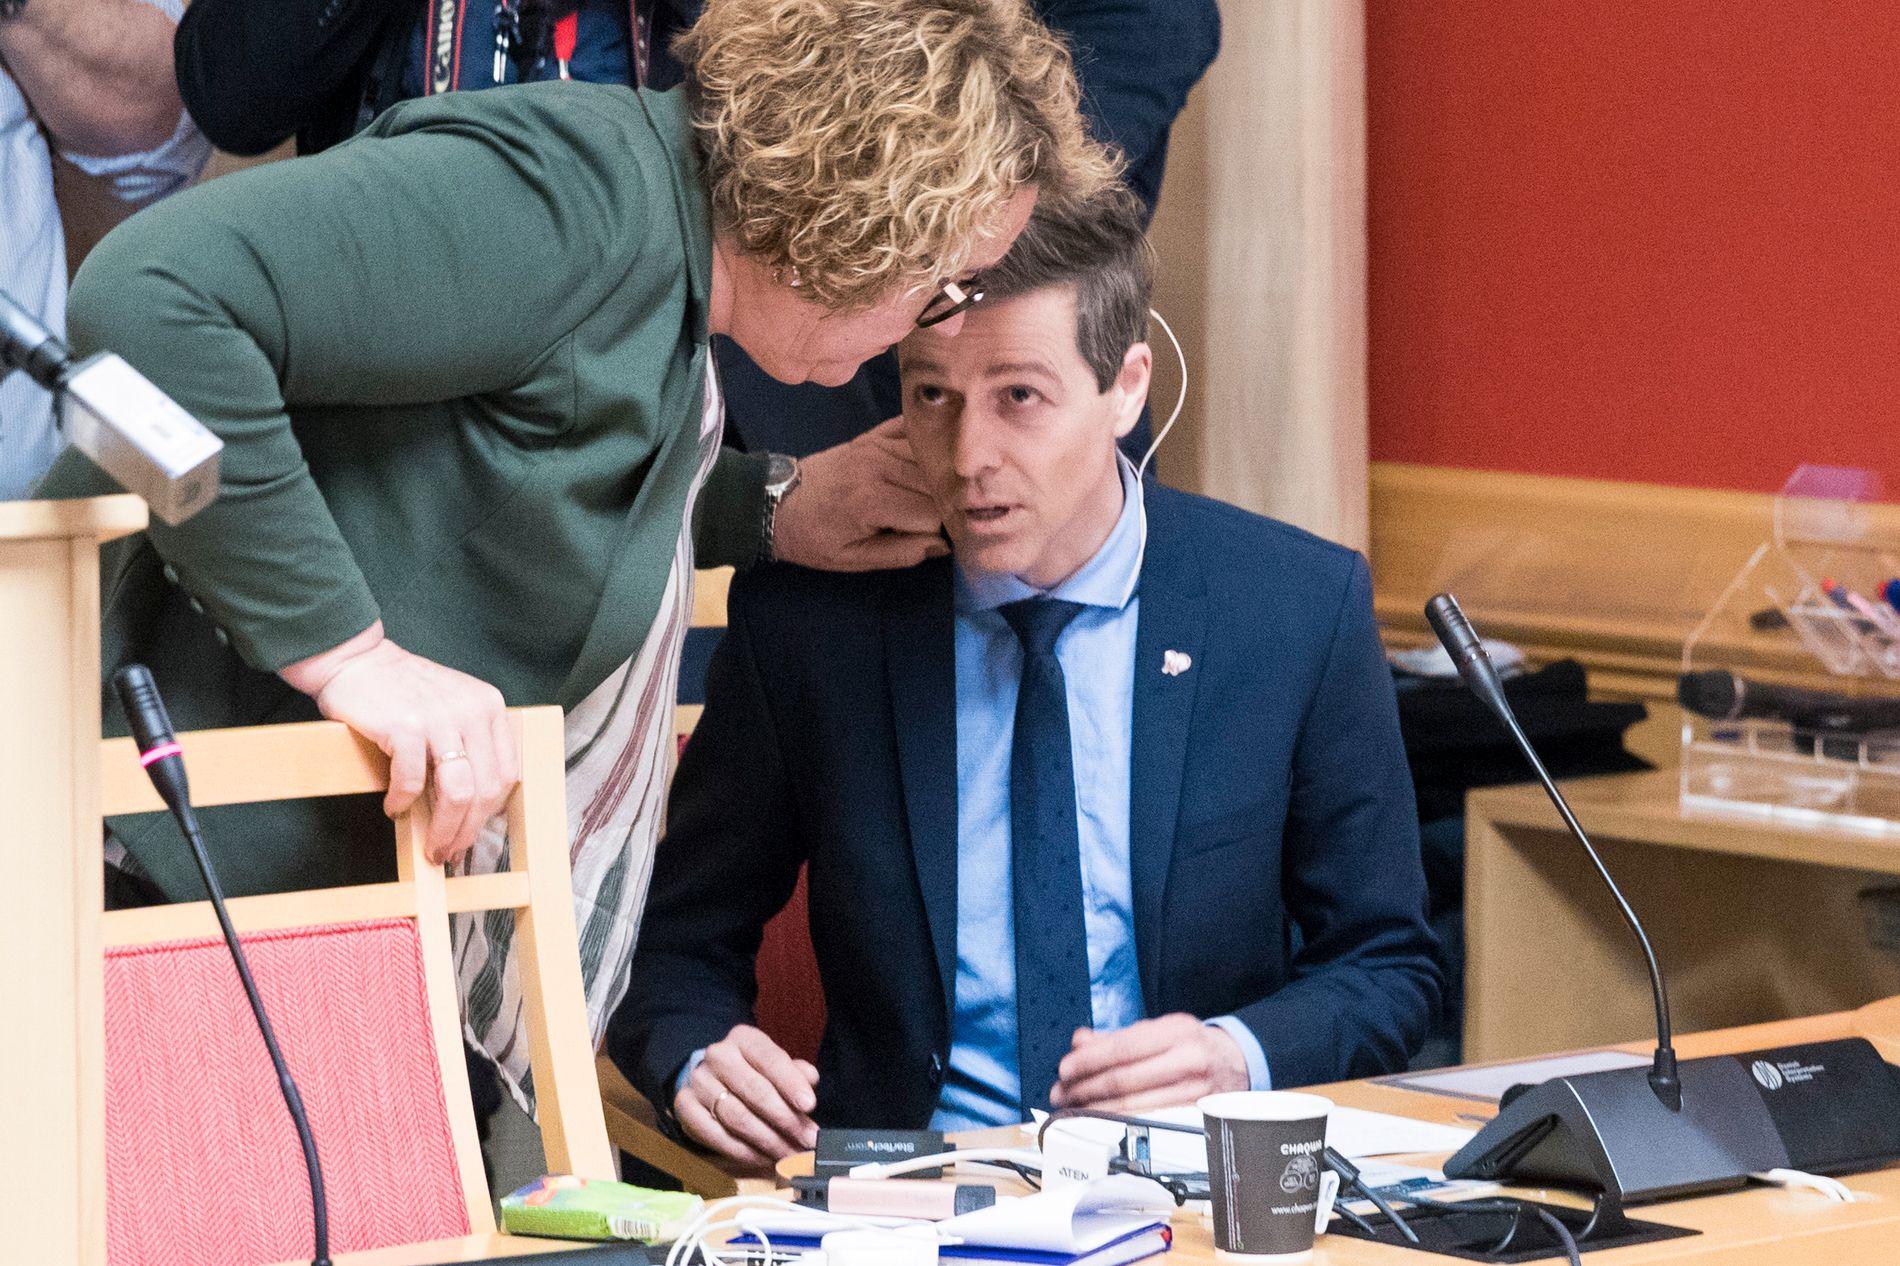 PRESS: Olaug Bollestads hjemfylke var klare på hva de mener om «Vestland». Partileder Knut Arild Hareides hjemfylke gikk til slutt seirende ut av striden.